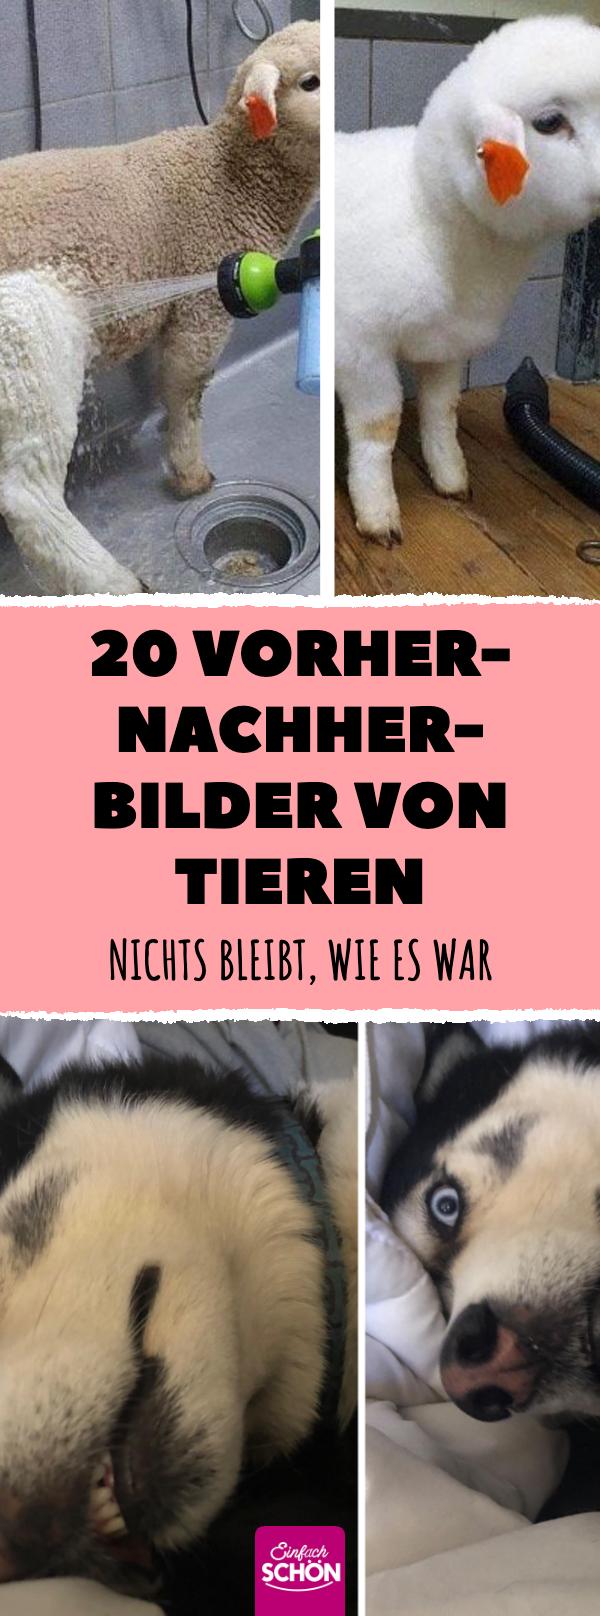 20 lustige Vorher nachher Bilder von Hunden, Katzen und Co ...